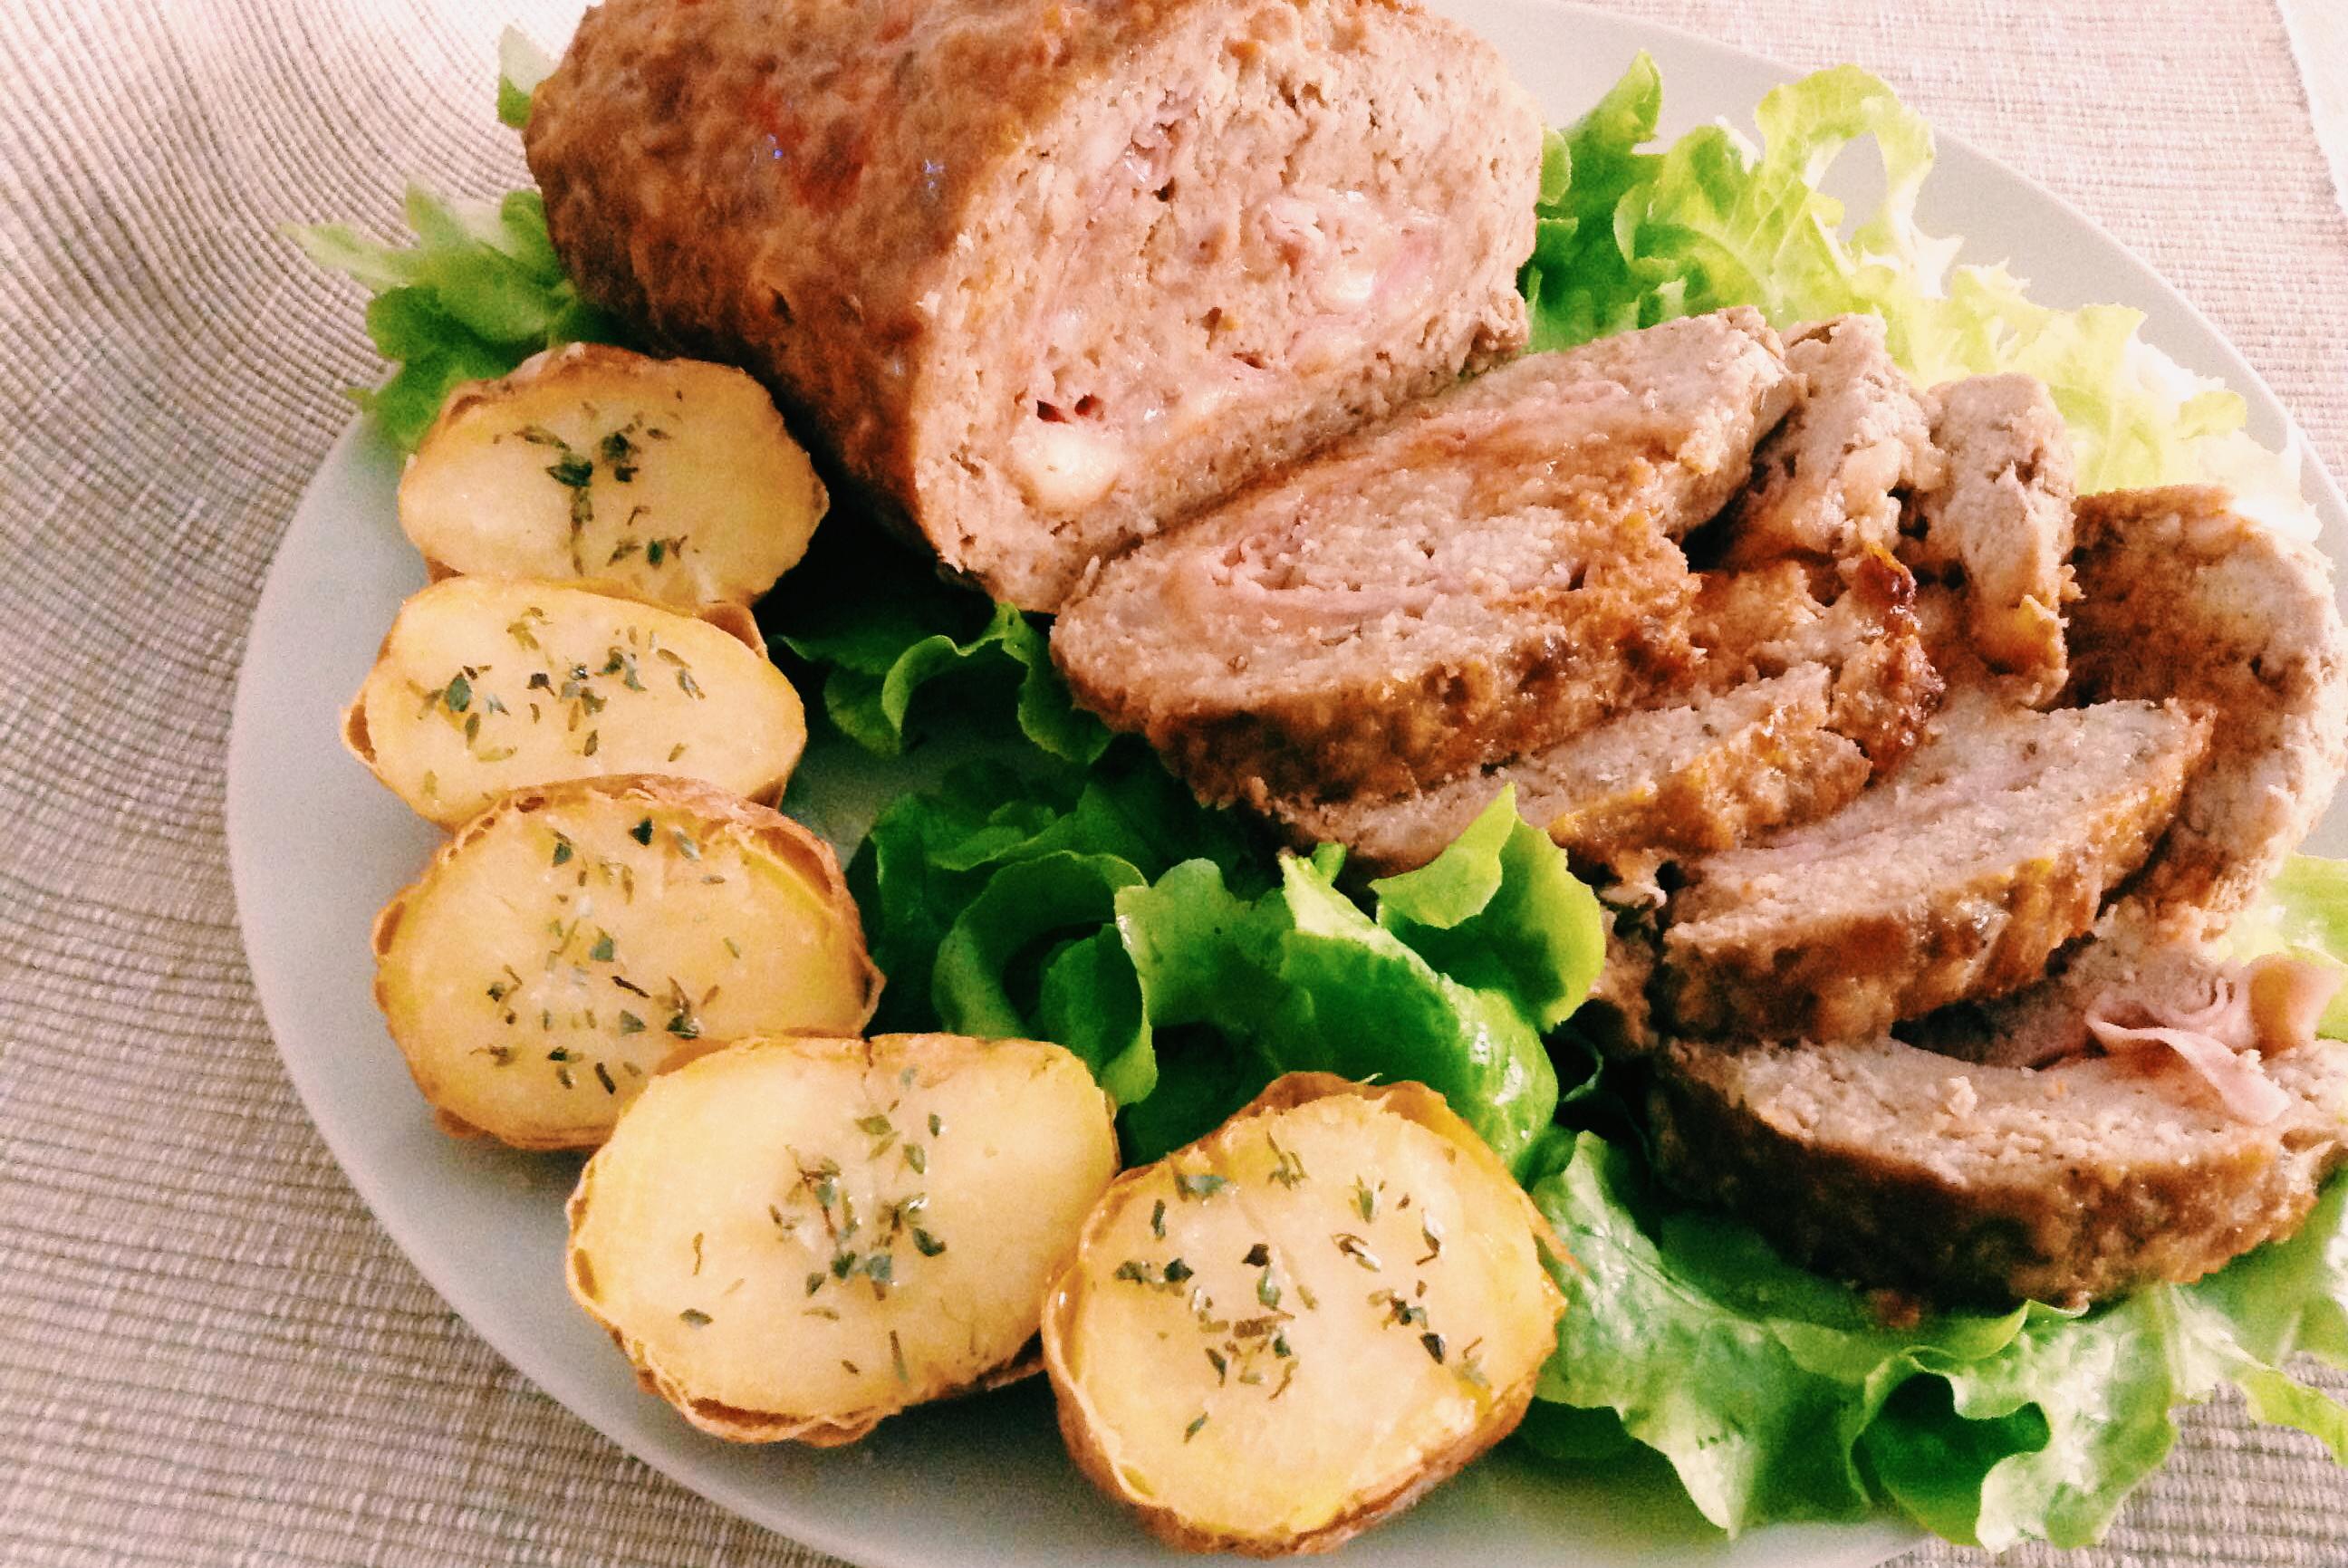 Polpettone al forno: la ricetta per fare un polpettone morbido e succoso